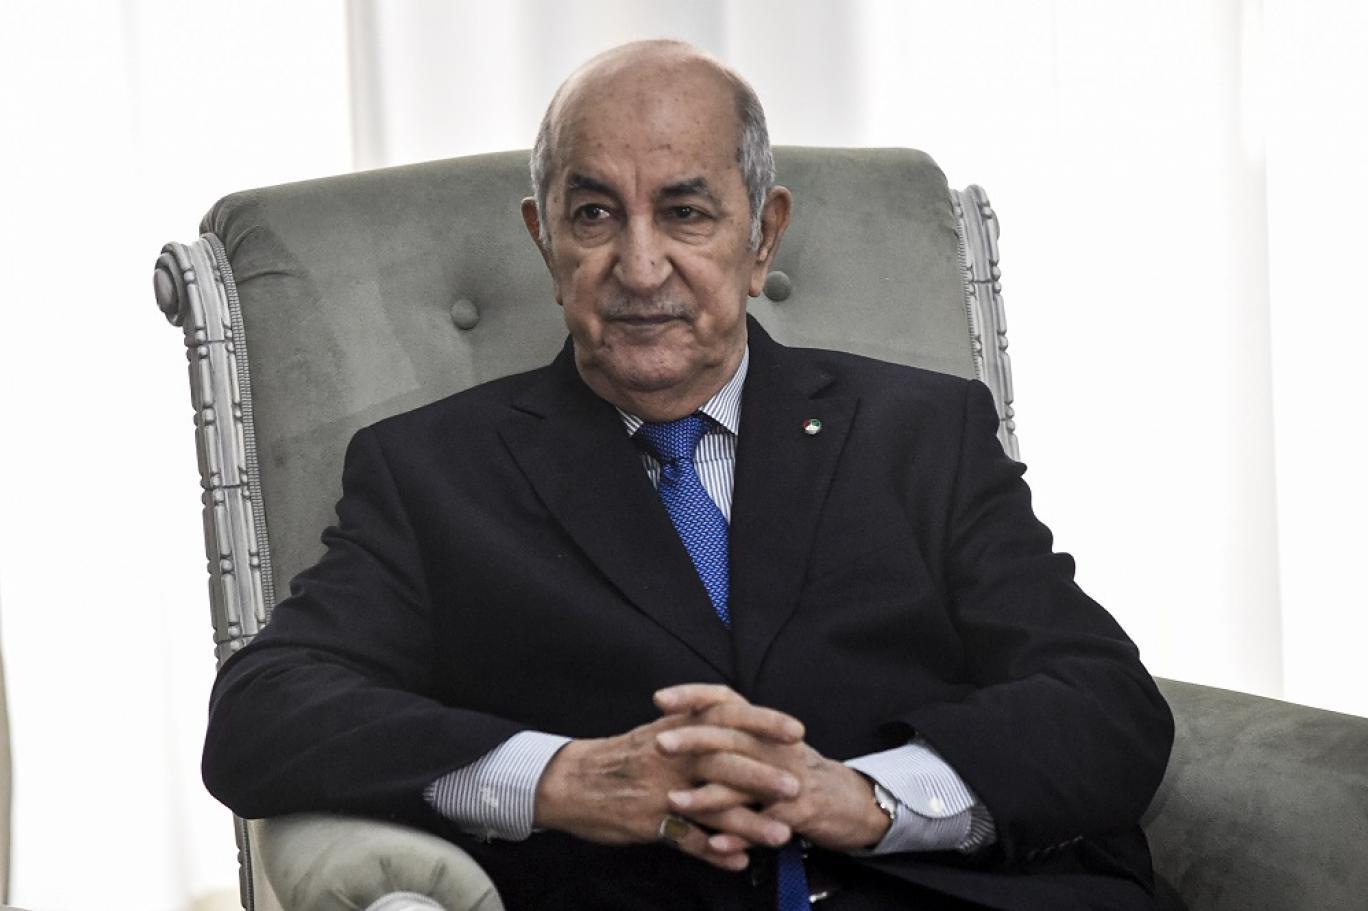 391526-1997854983 انتُخب الرئيس الجزائري عبد المجيد تبون في ديسمبر 2019 (أ ف ب).jpg